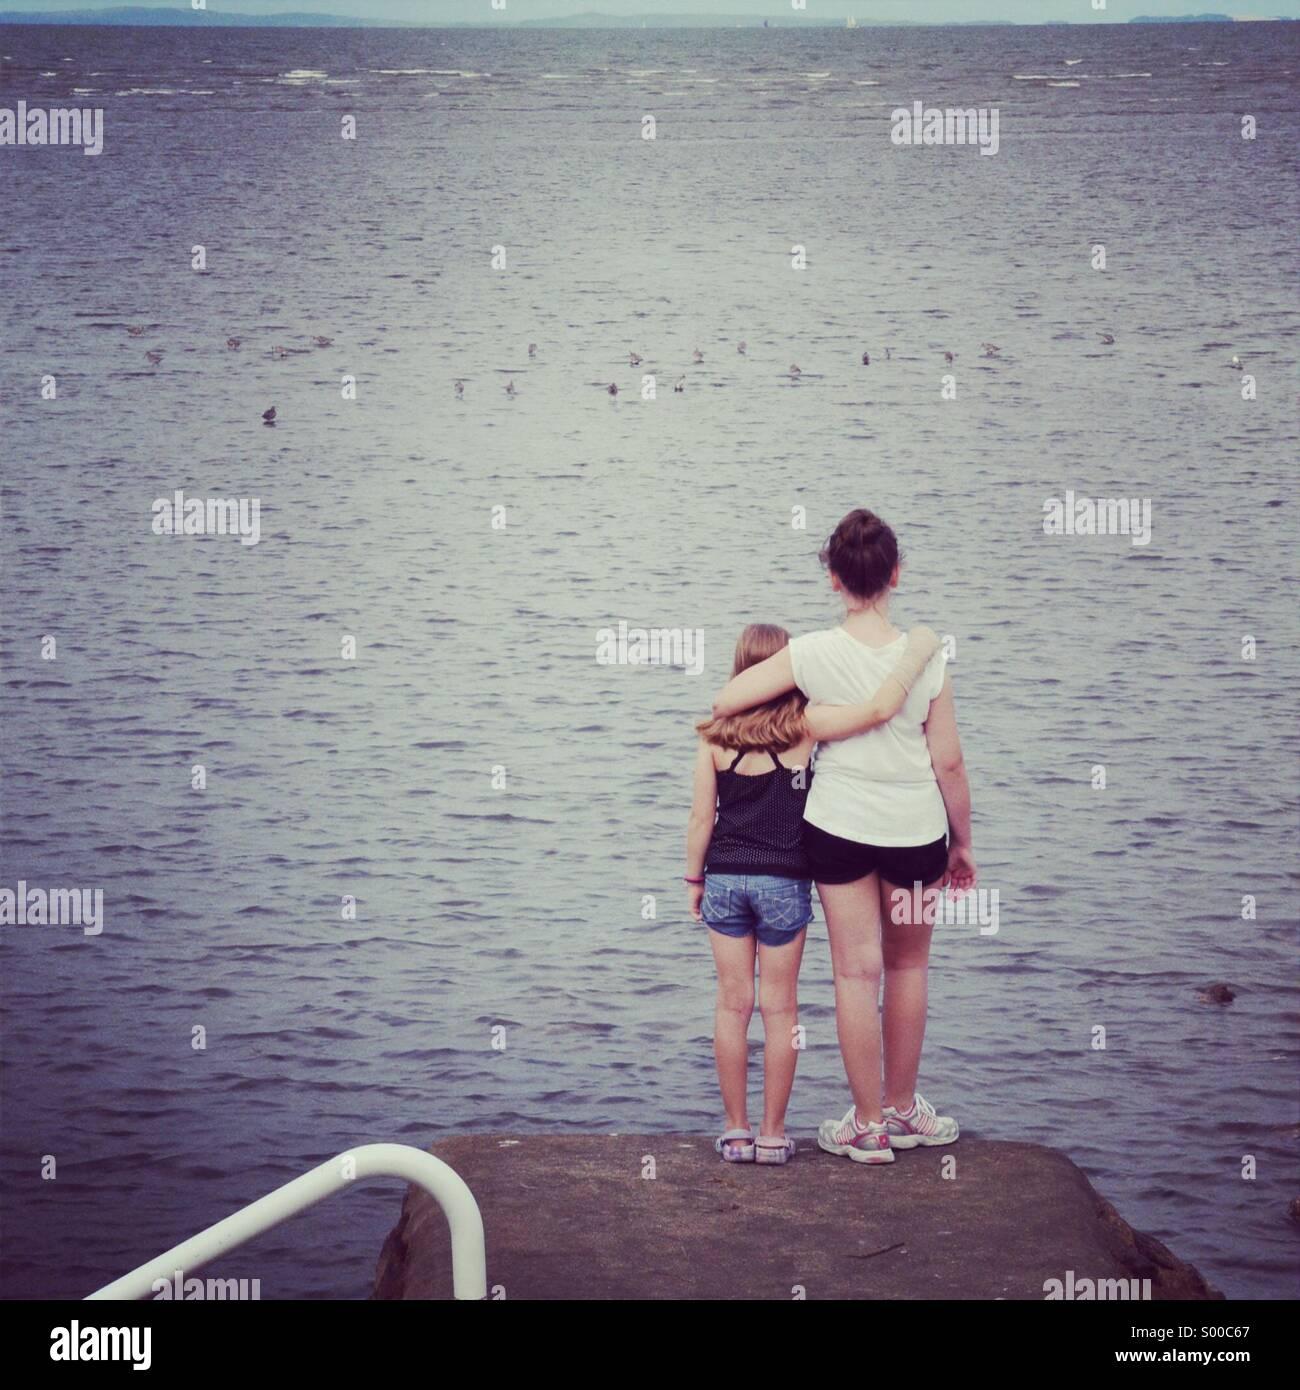 Deux jeunes filles hug au bord de la mer. Photo Stock